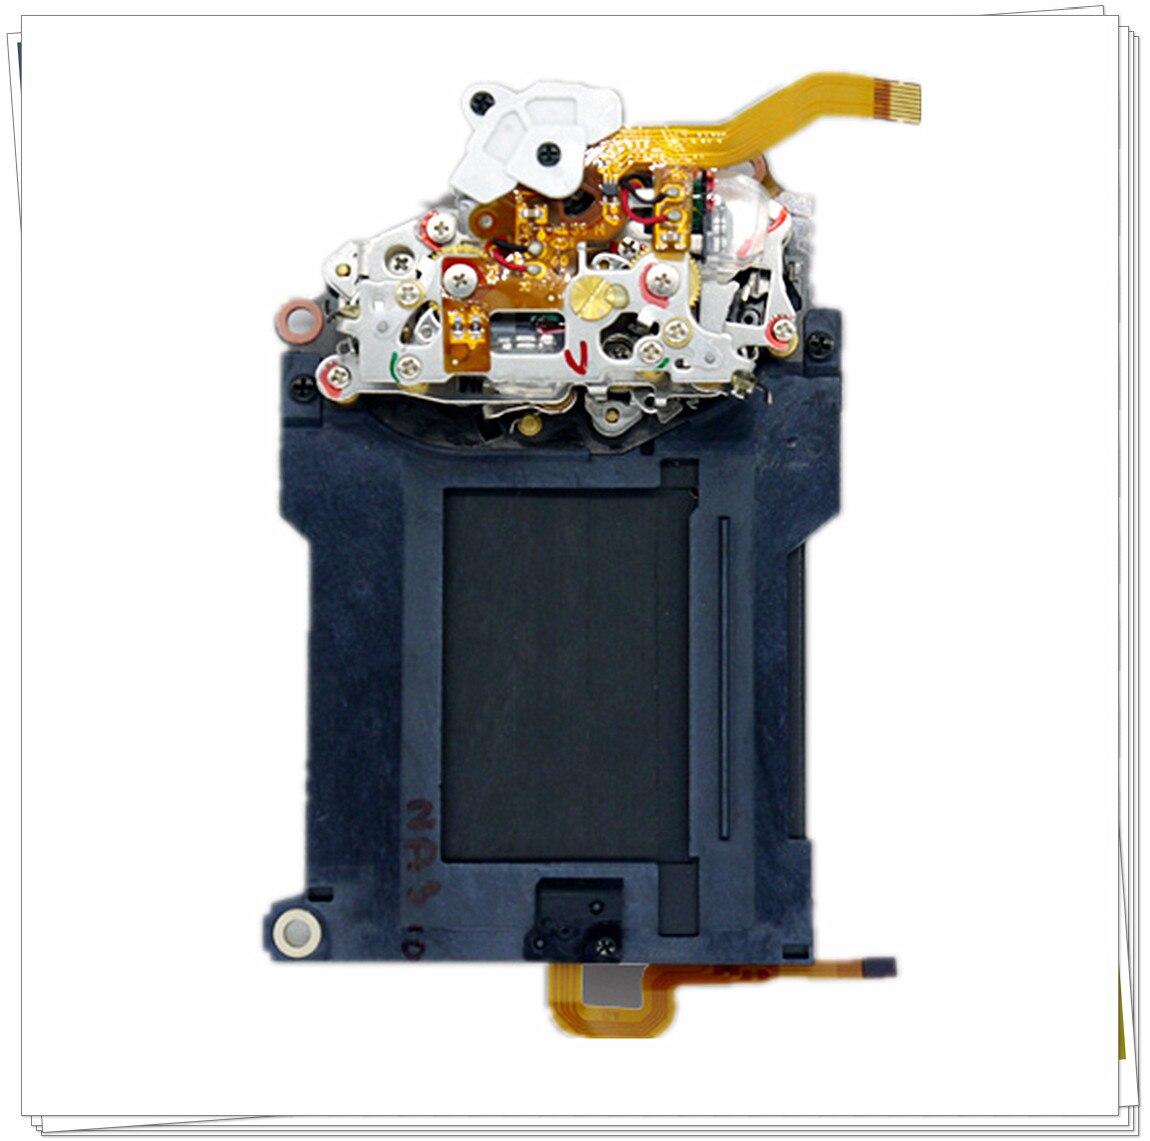 Оригинальный сборки затвора с группой лезвие Шторы блок для Nikon D810 затвор D810 SLR камеры